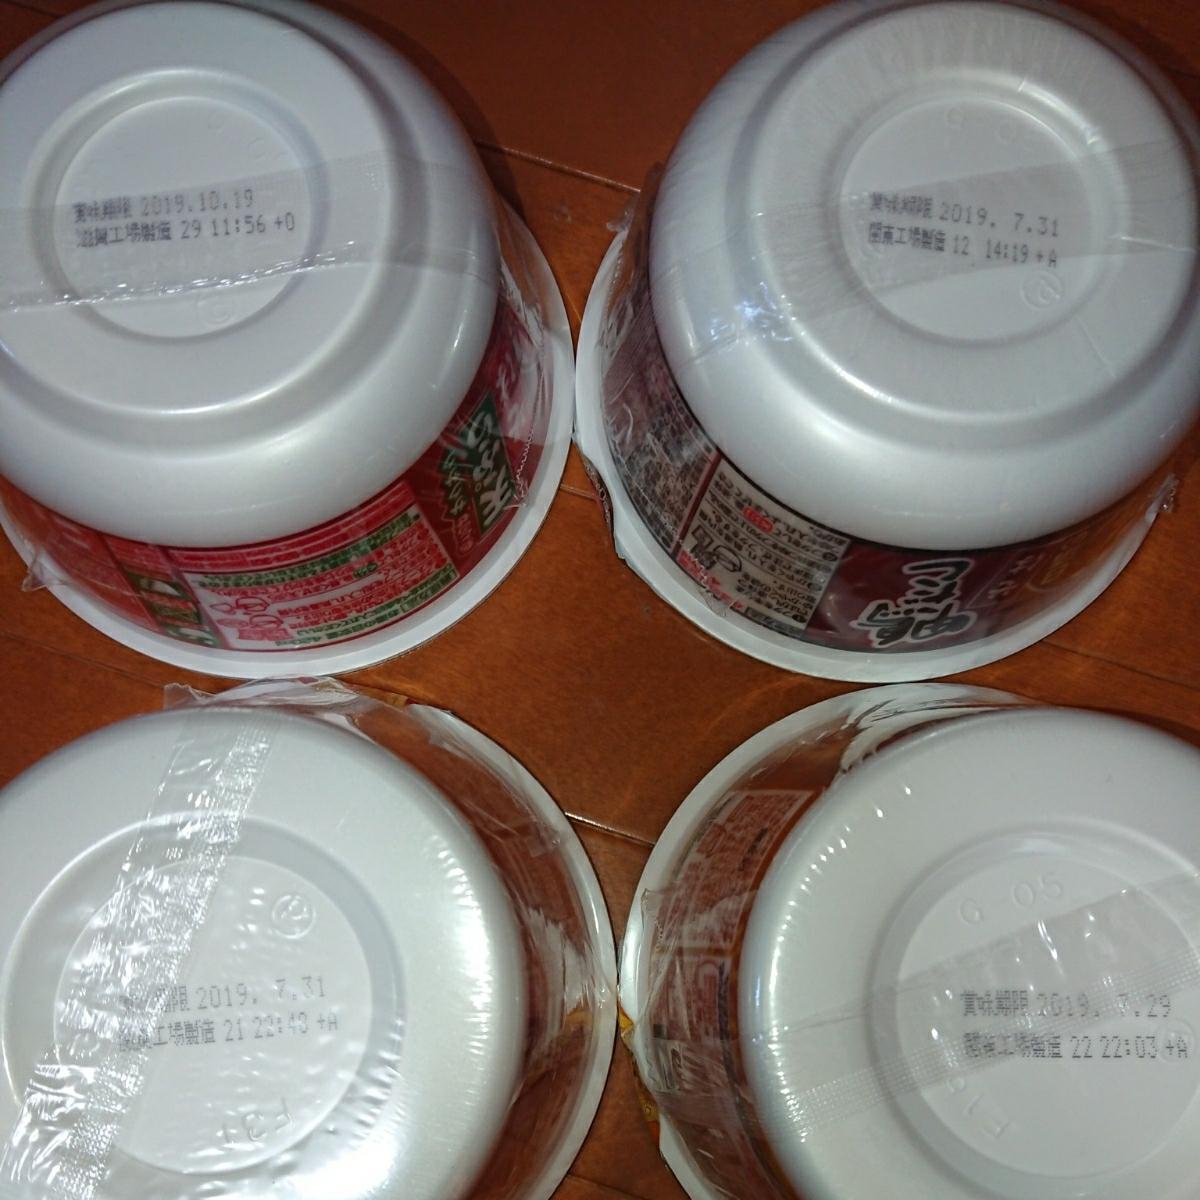 カップ麺 まとめて 18個 送料無料_画像2